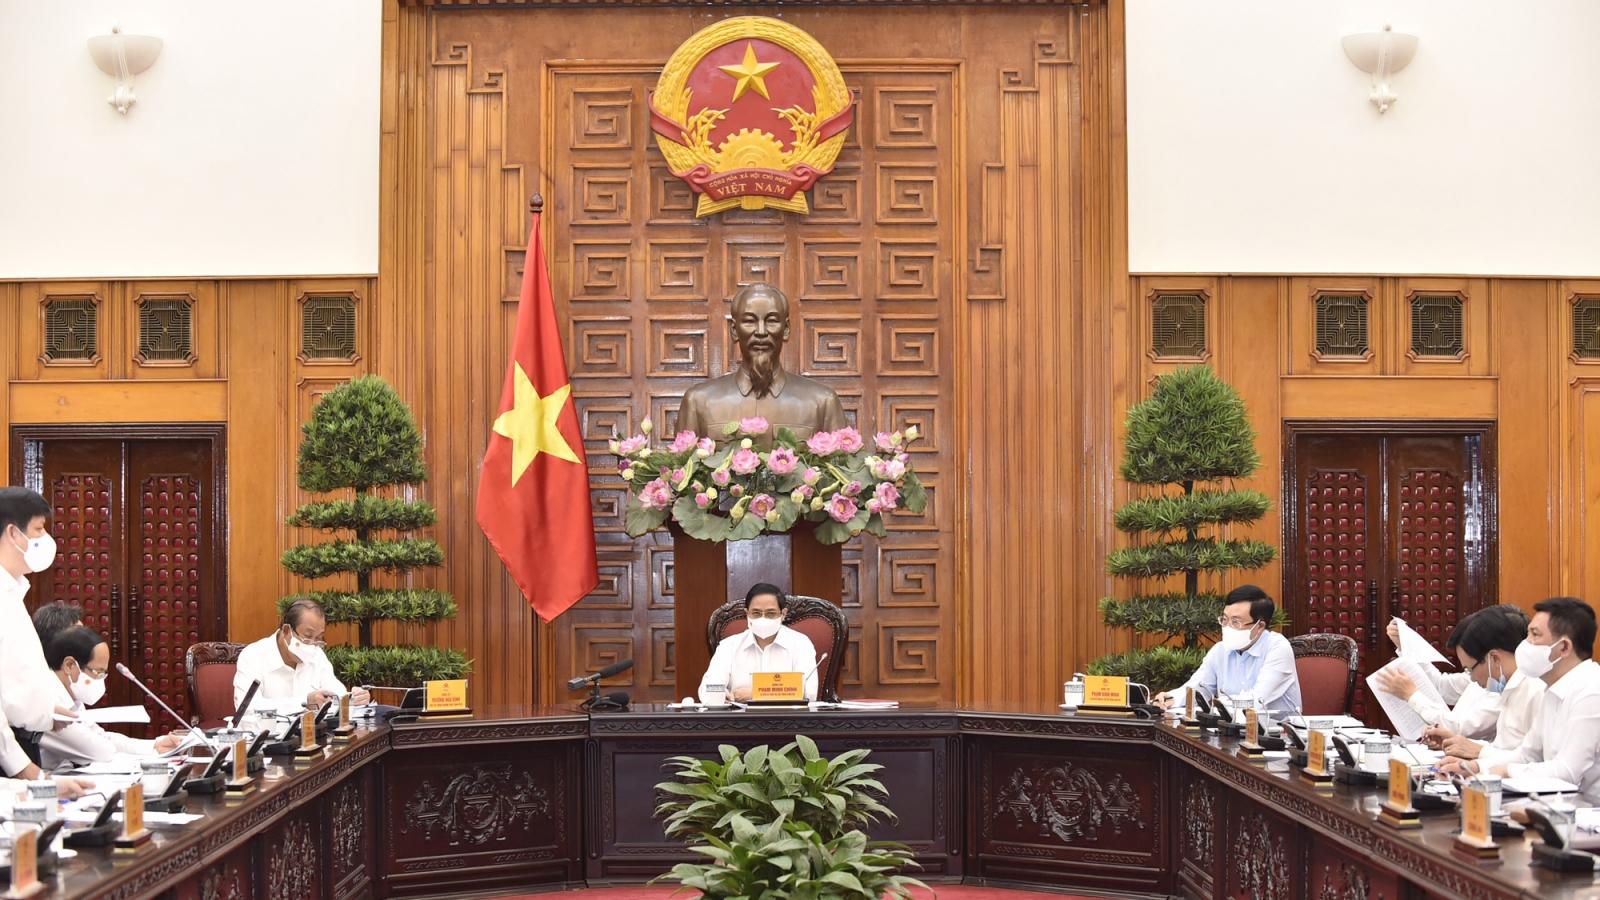 Thủ tướng chủ trì họp thường trực Chính phủ vềnhập khẩu, sản xuất  và tiêm vaccine